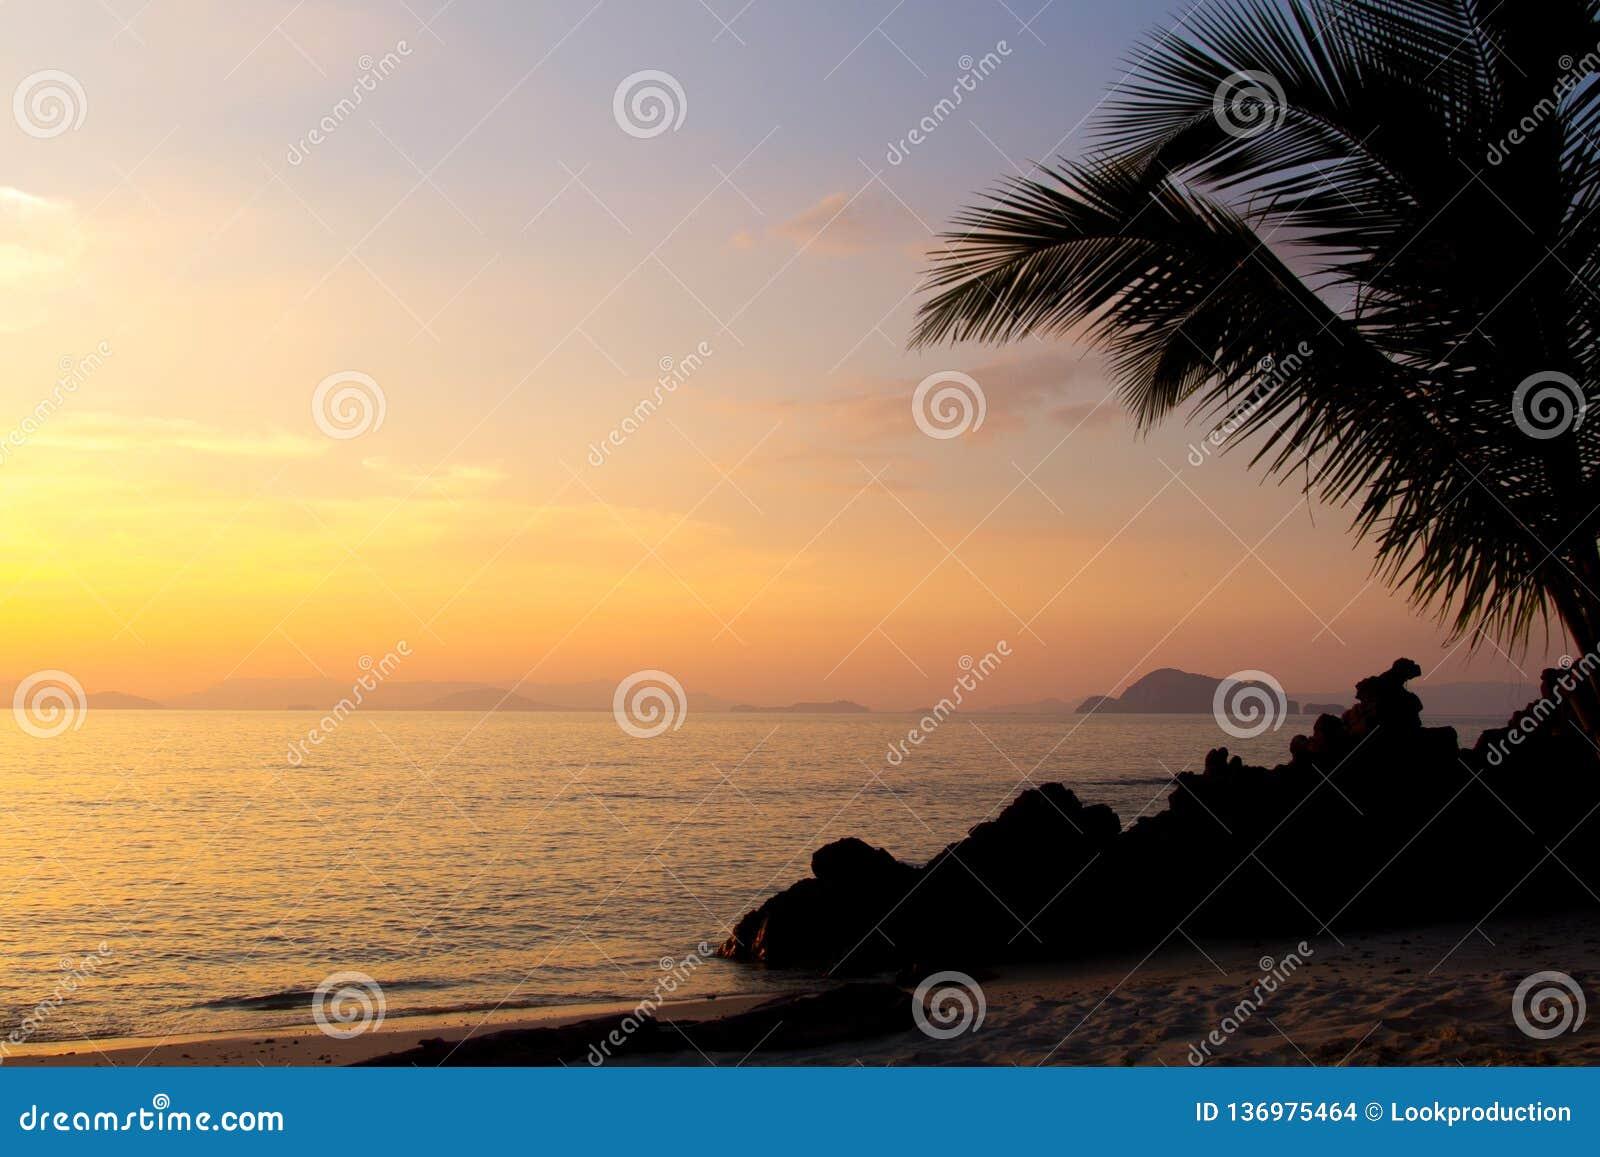 Solnedgång i ett hav